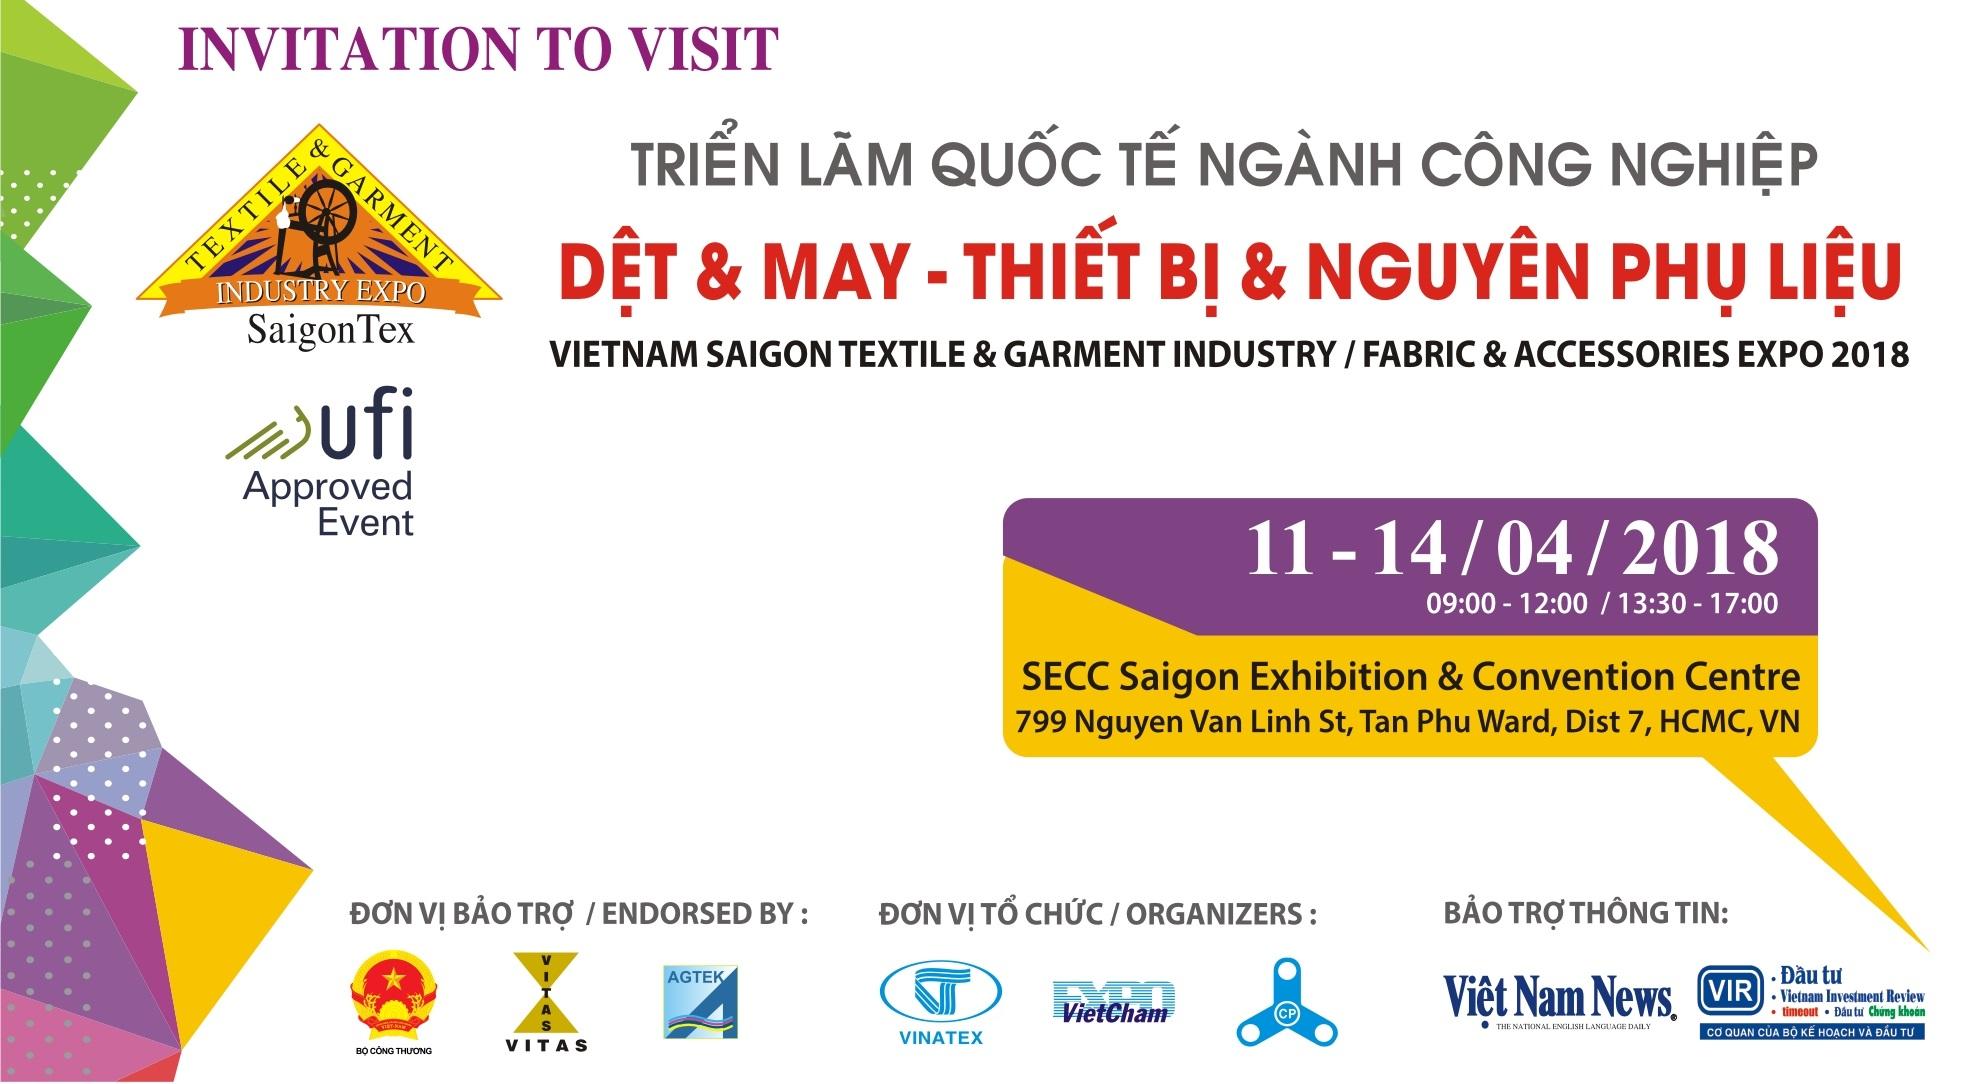 Mời dự Triển lãm Quốc tế Dệt may, thiết bị và nguyên phụ liệu - SaigonTex 2018